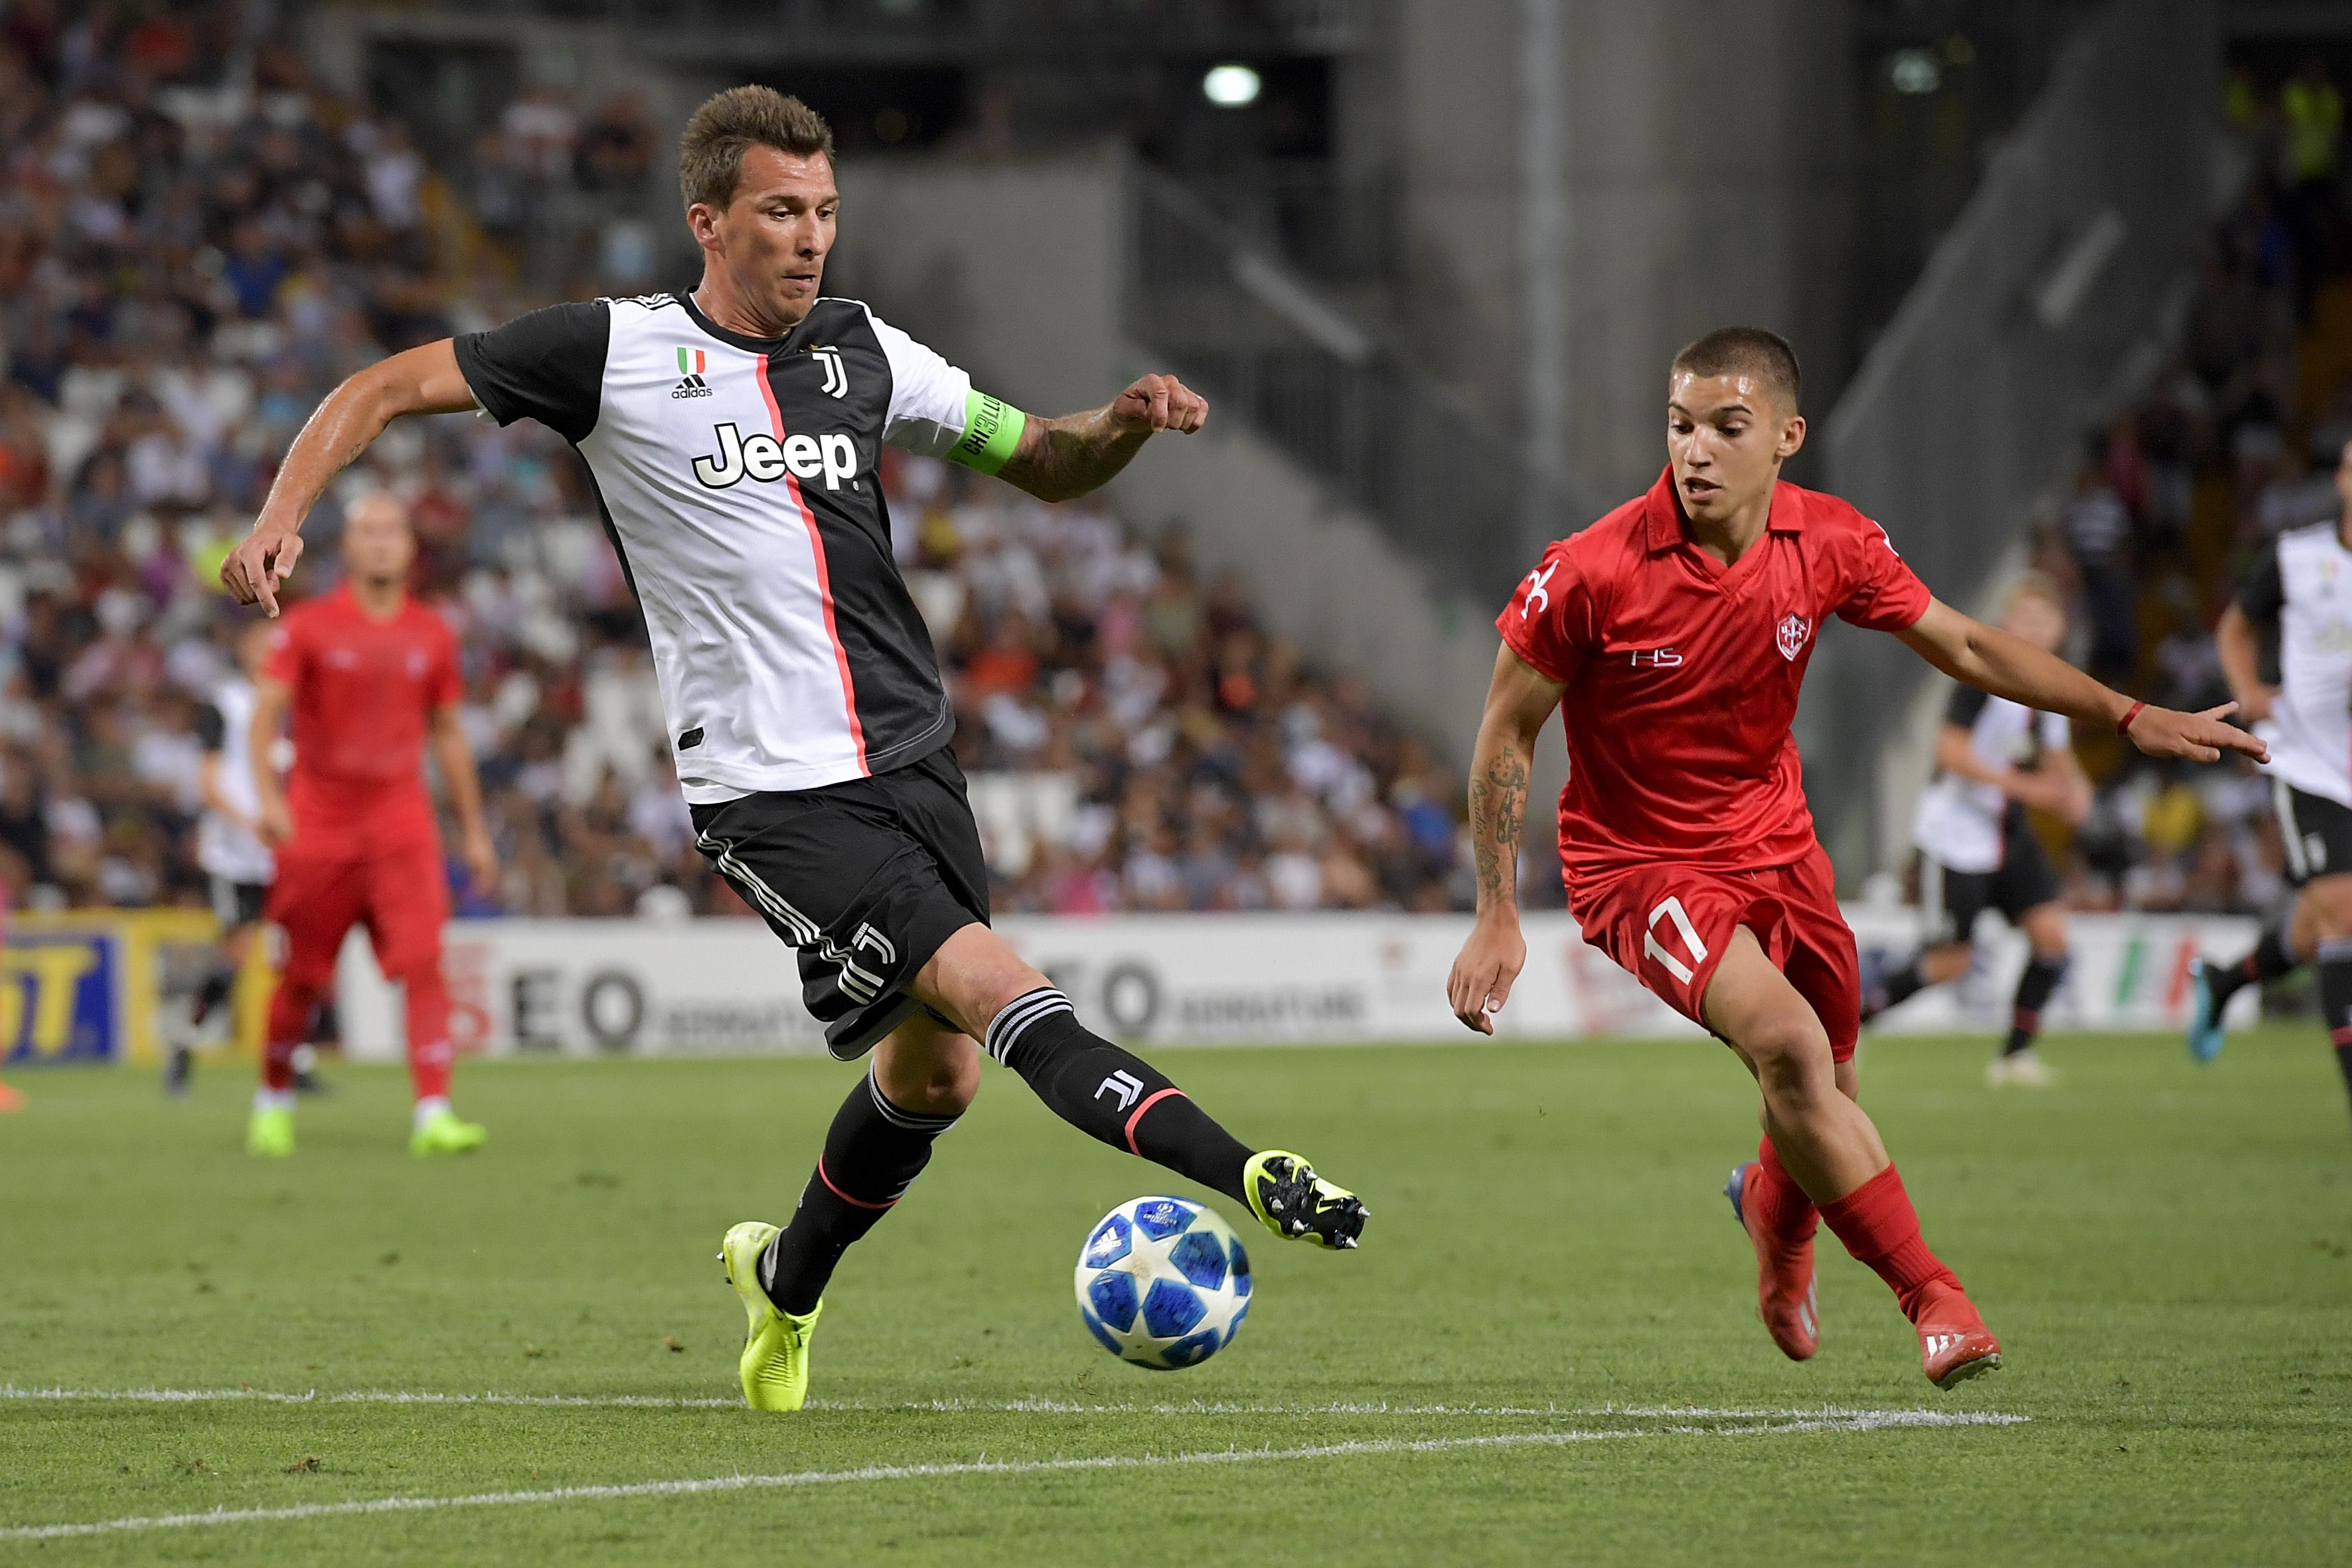 Triestina v Juventus - Pre Season Friendly